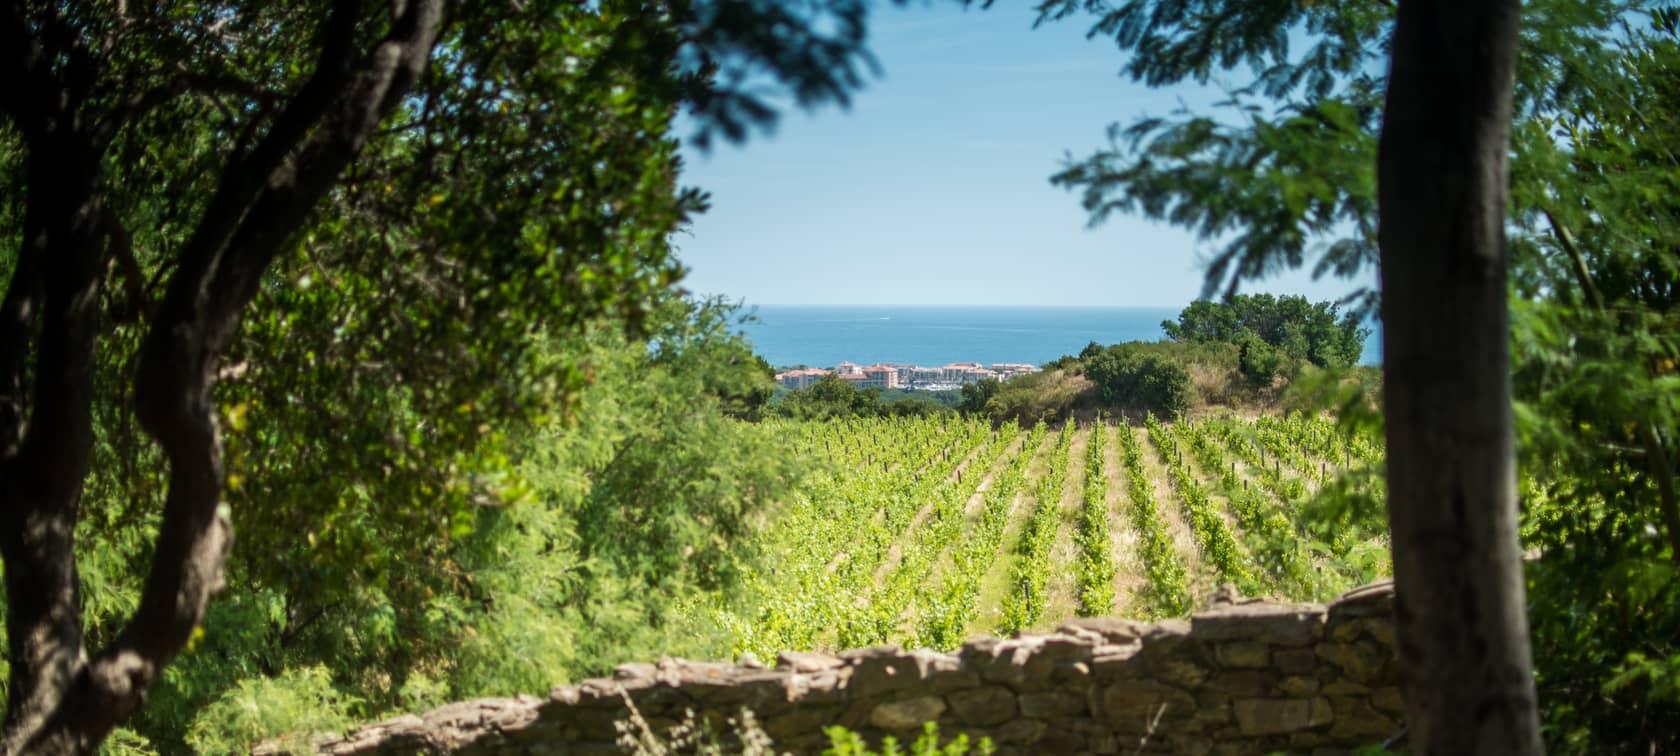 Argelès-sur-Mer vue depuis le vignoble du Château de Valmy, photo de Stéphane Ferrer